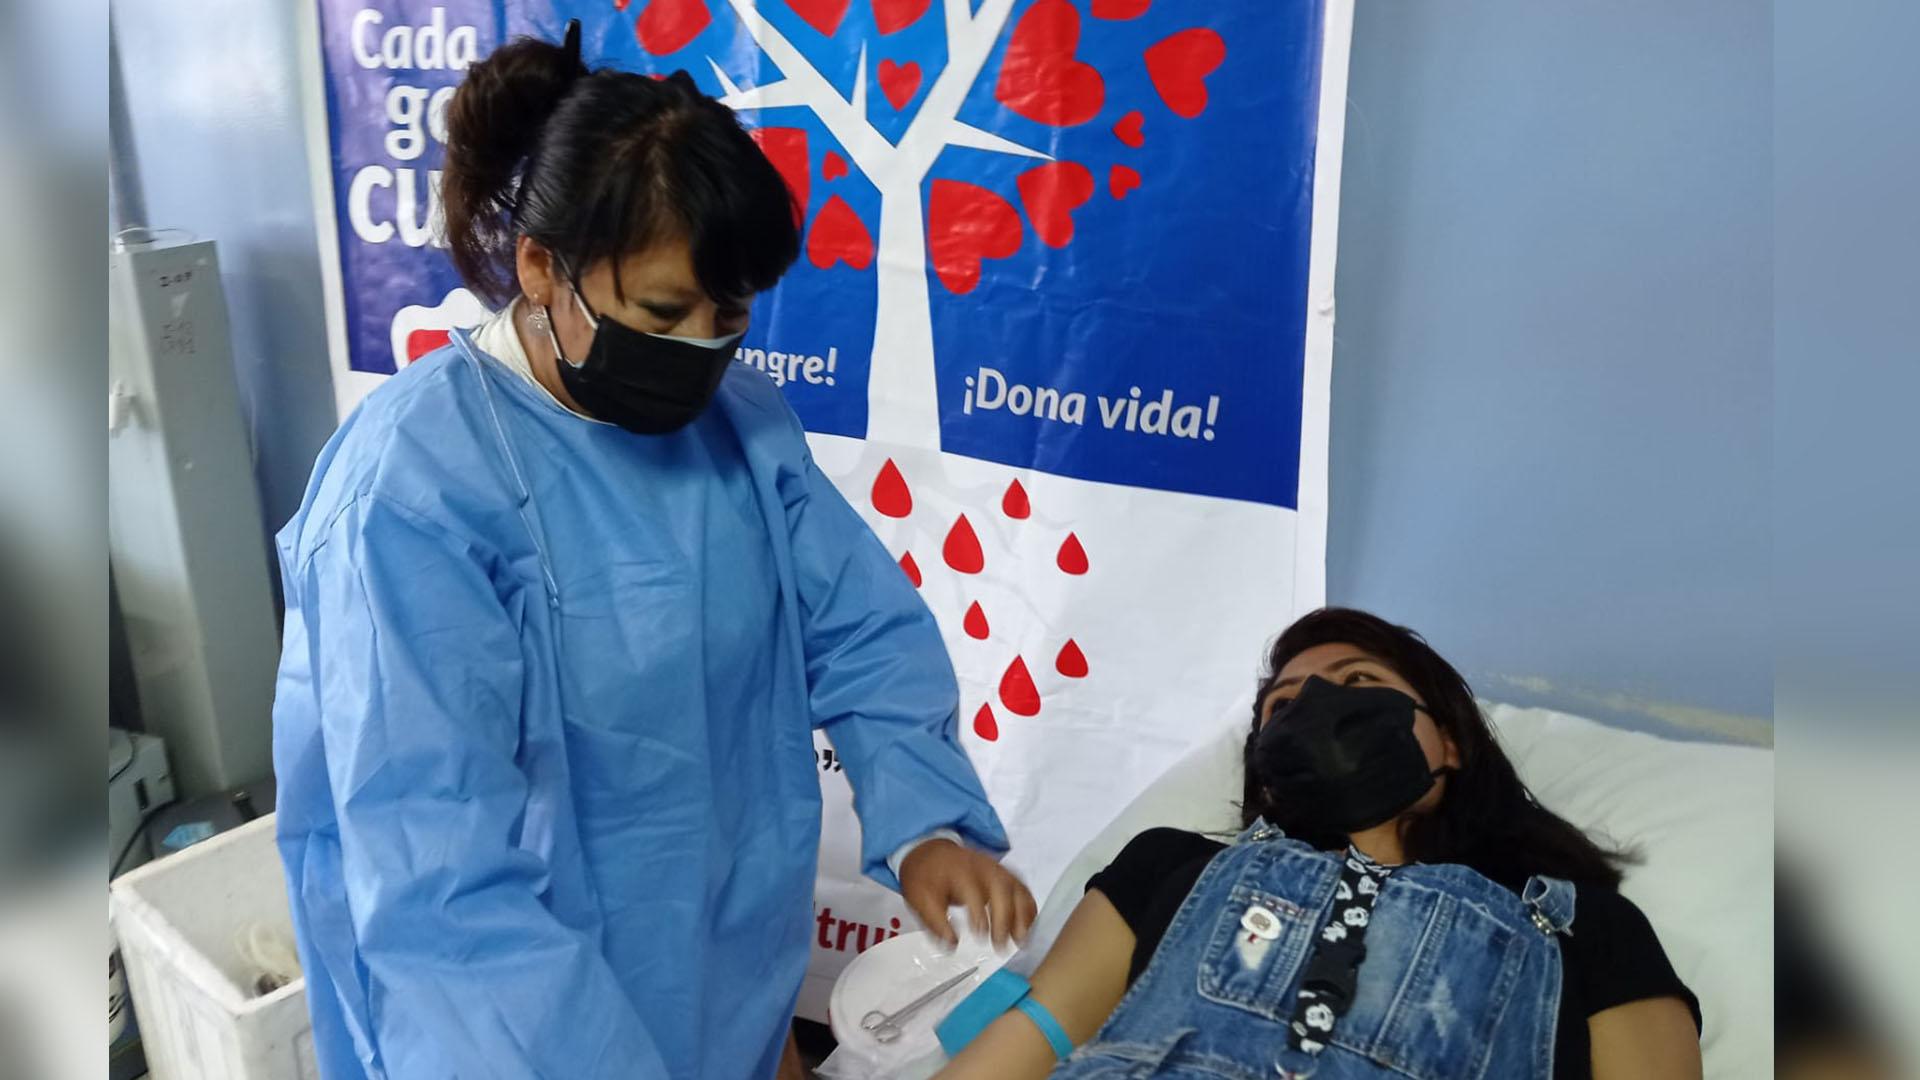 Donación de sangre -Puno